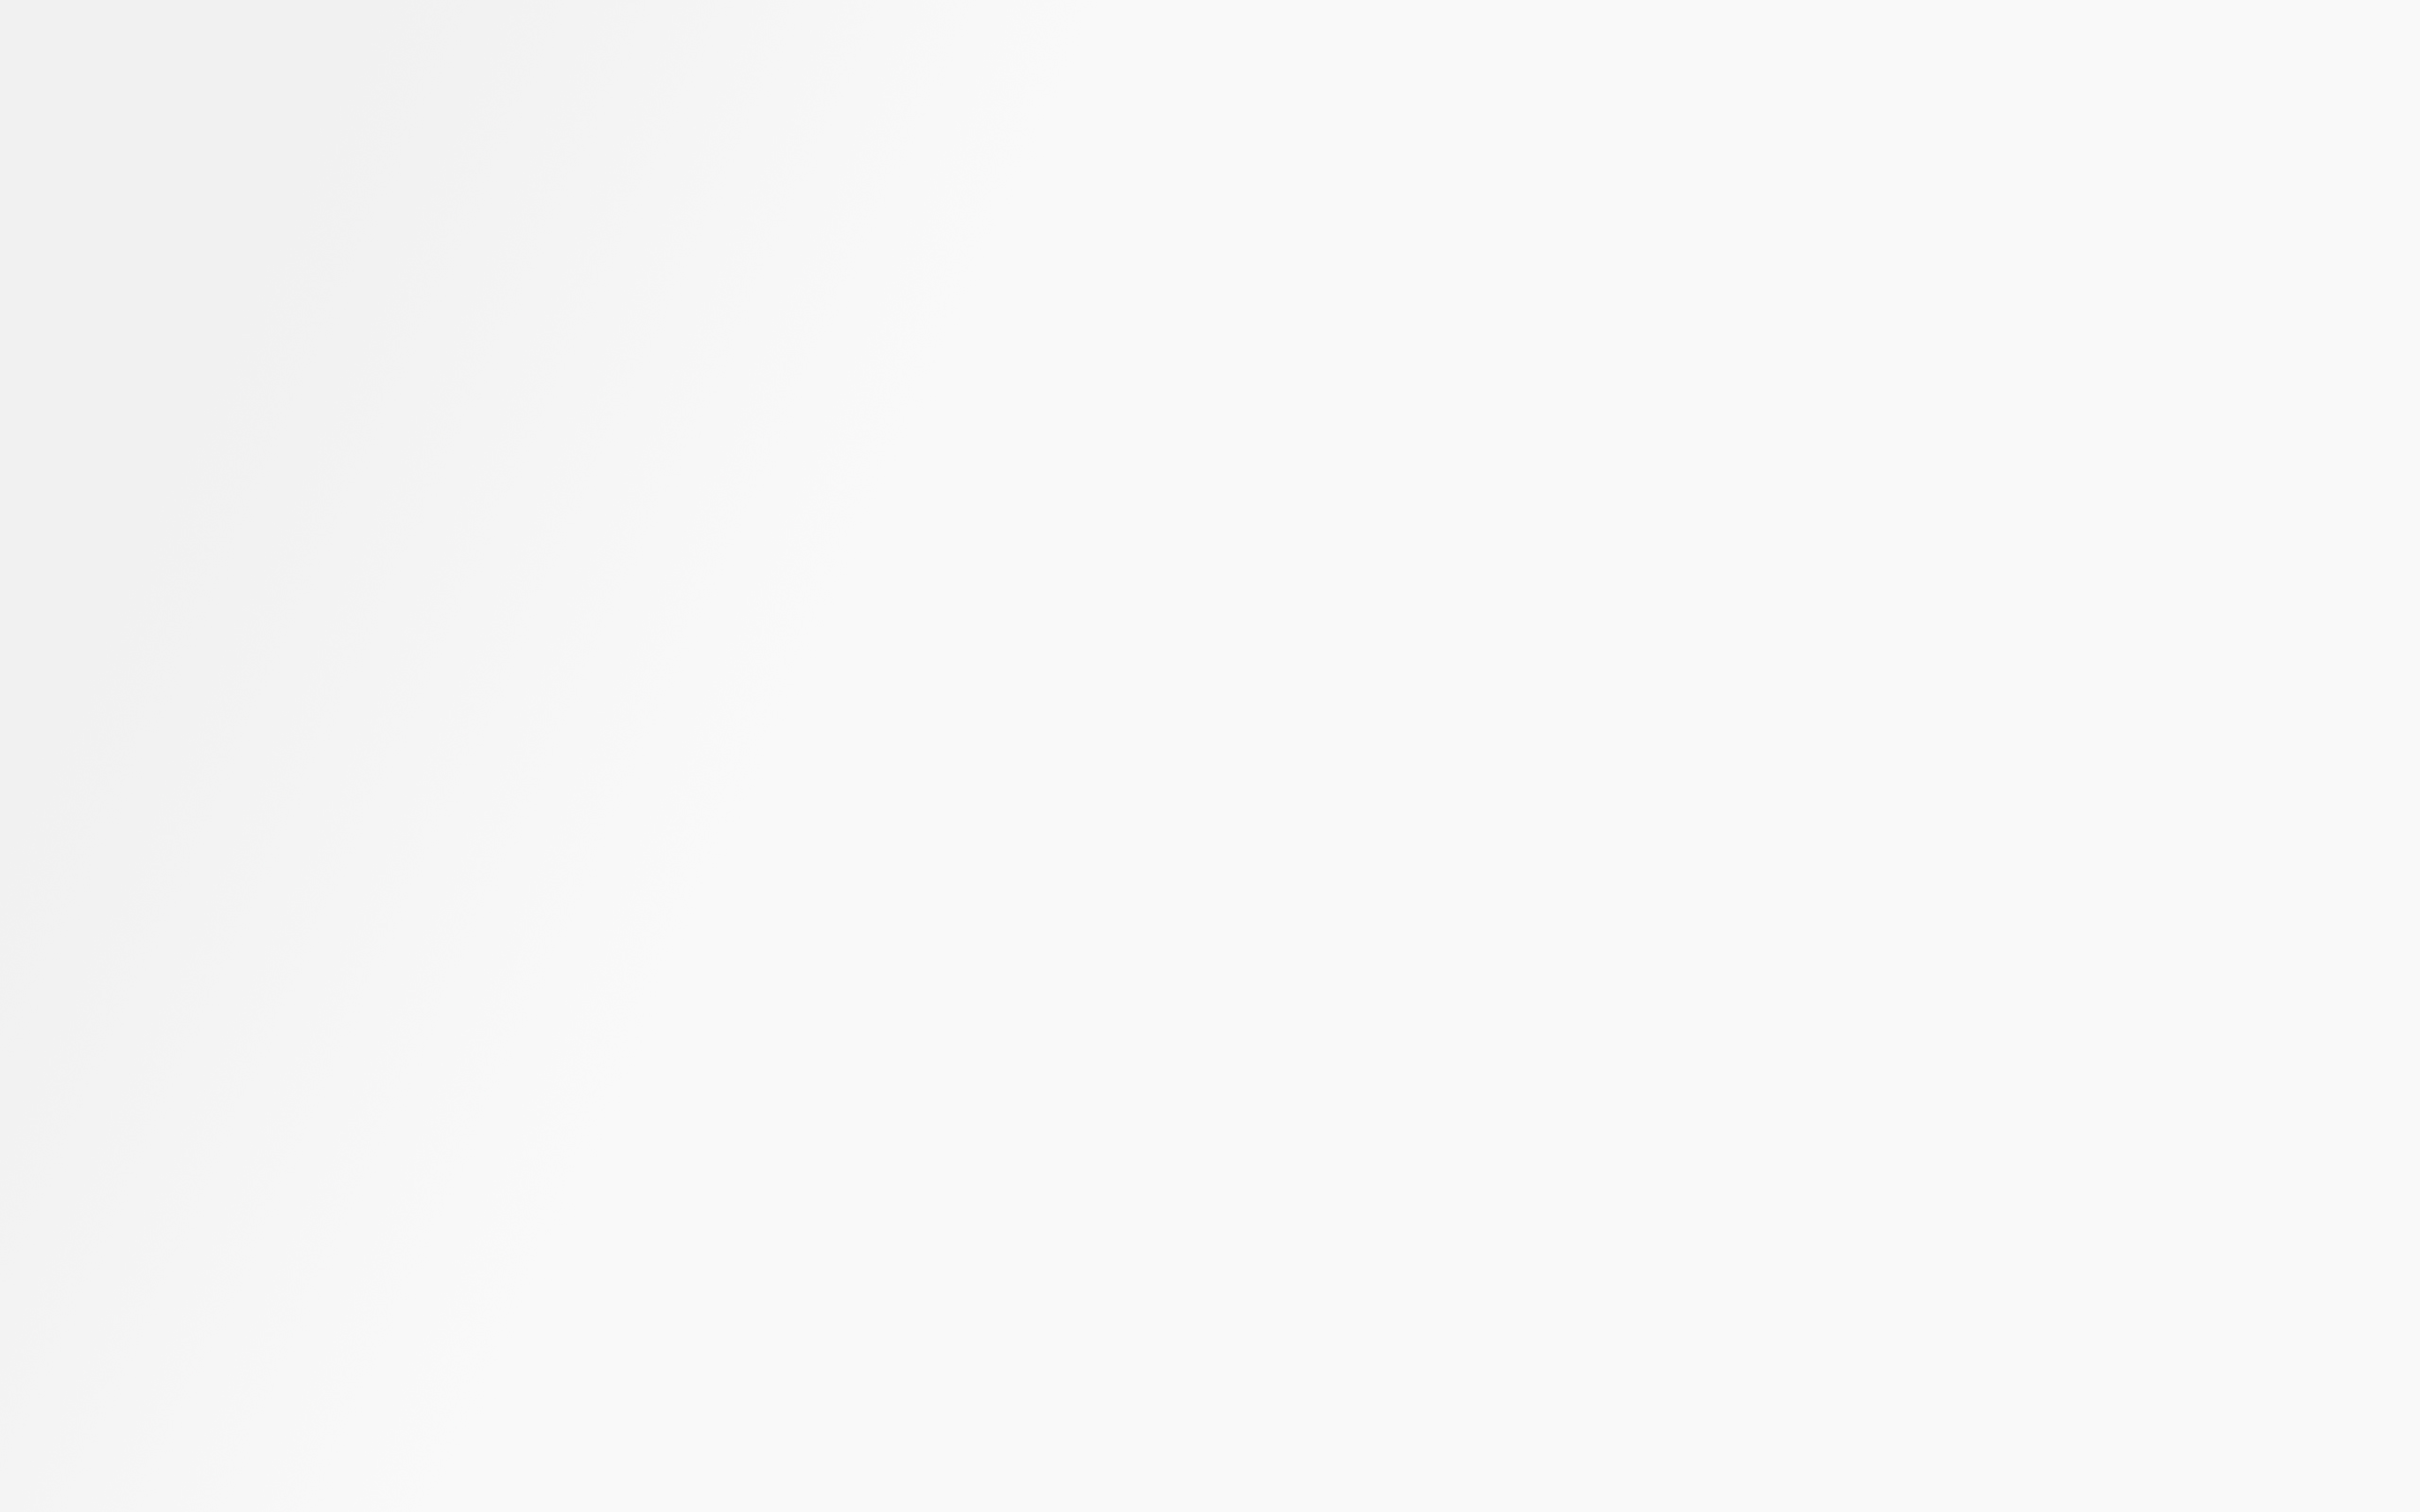 Blank White Wallpaper Background blankjpg 2560x1600